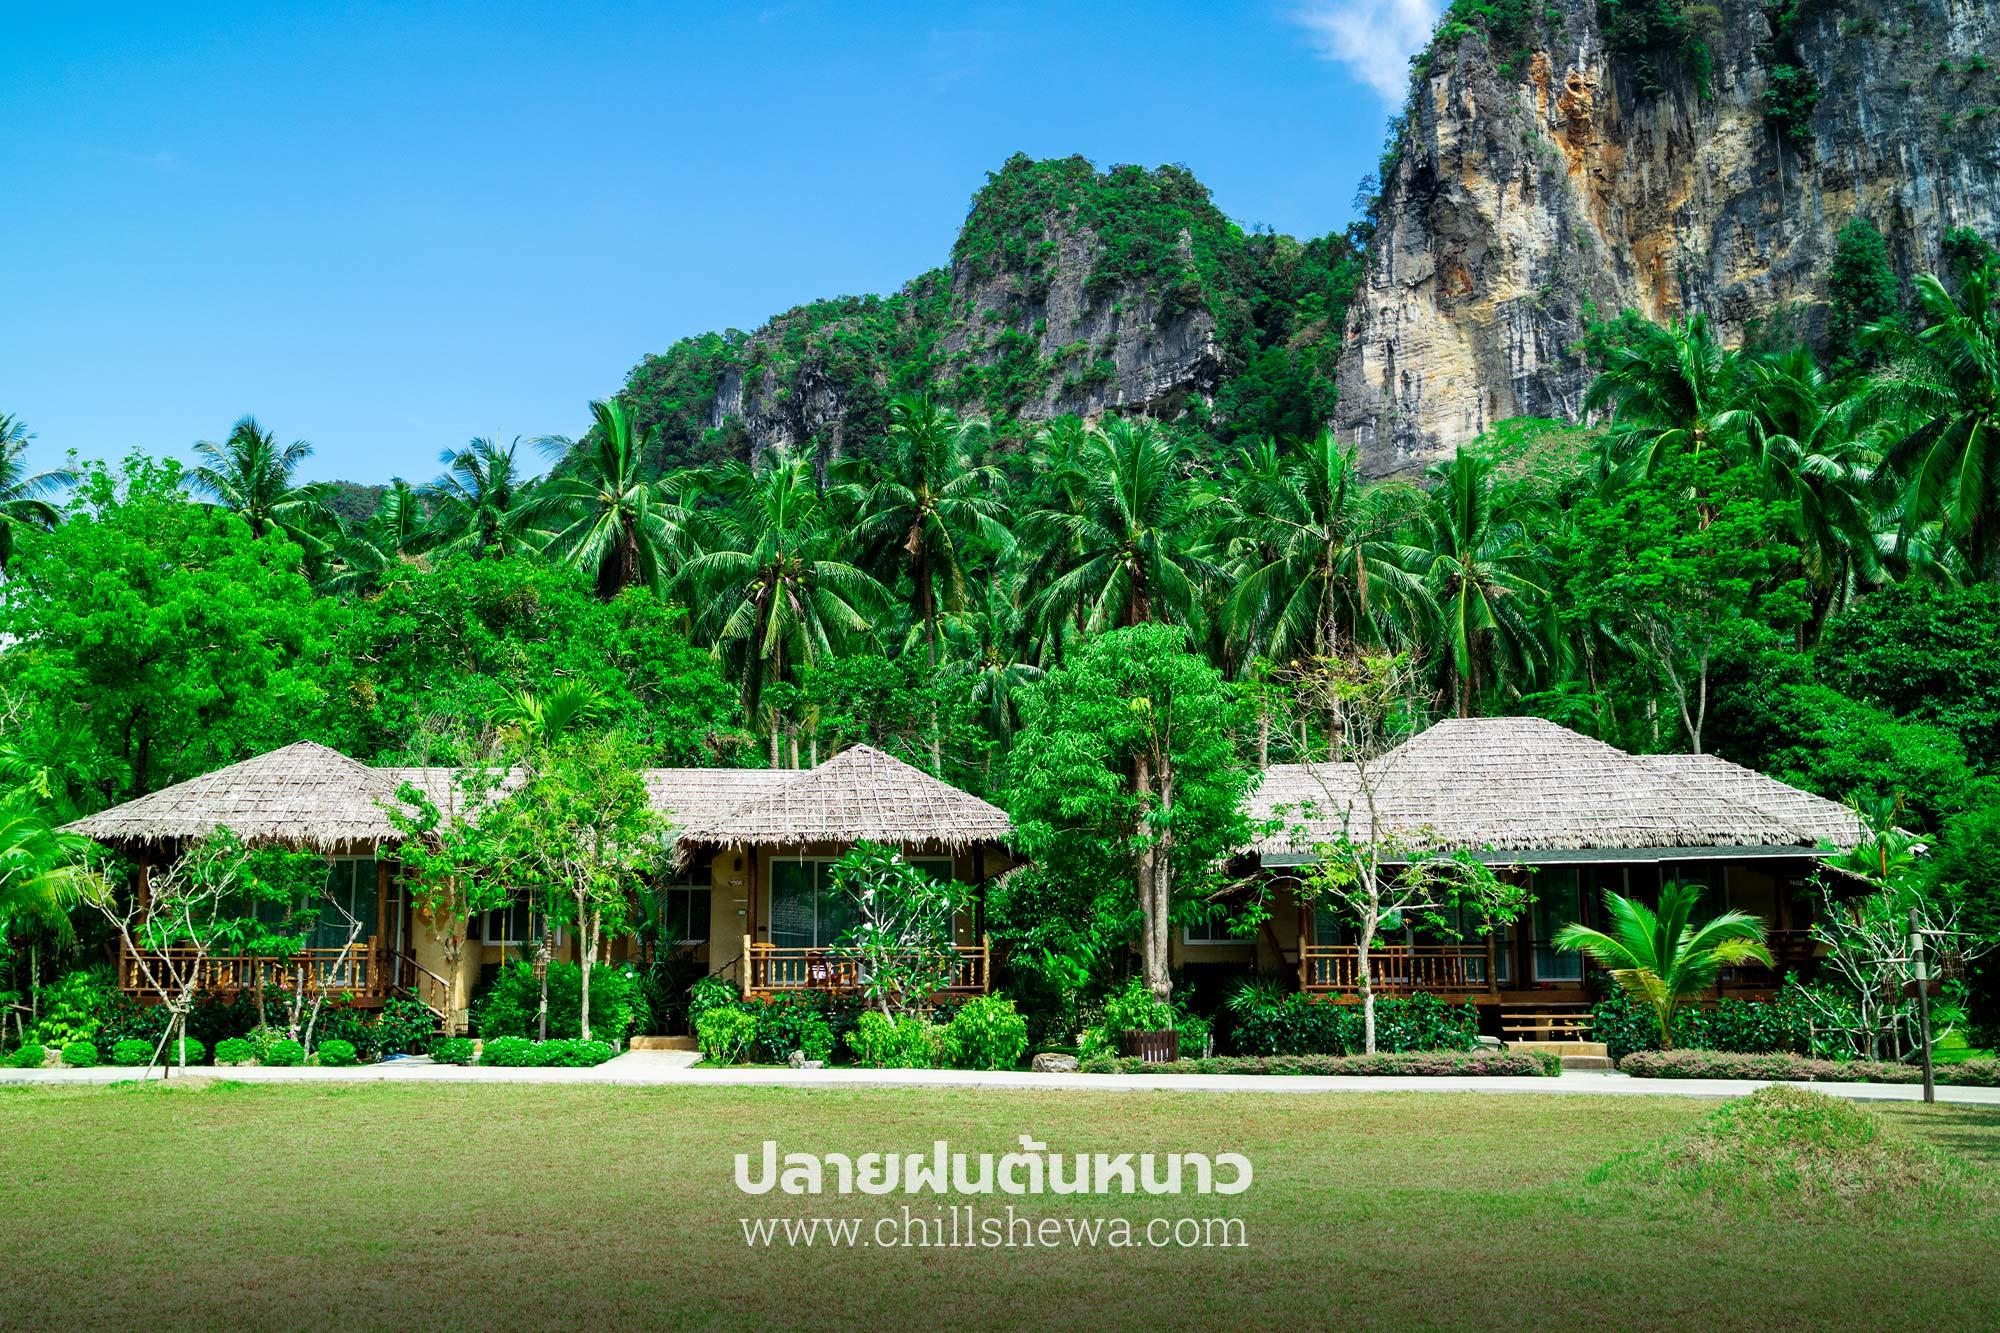 บ้านใสใน รีสอร์ท BAAN SAINAI RESORT  บ้านใสใน รีสอร์ท Ban Sainai Resort อ่าวนาง กระบี่                                                BAAN SAINAI RESORT 06